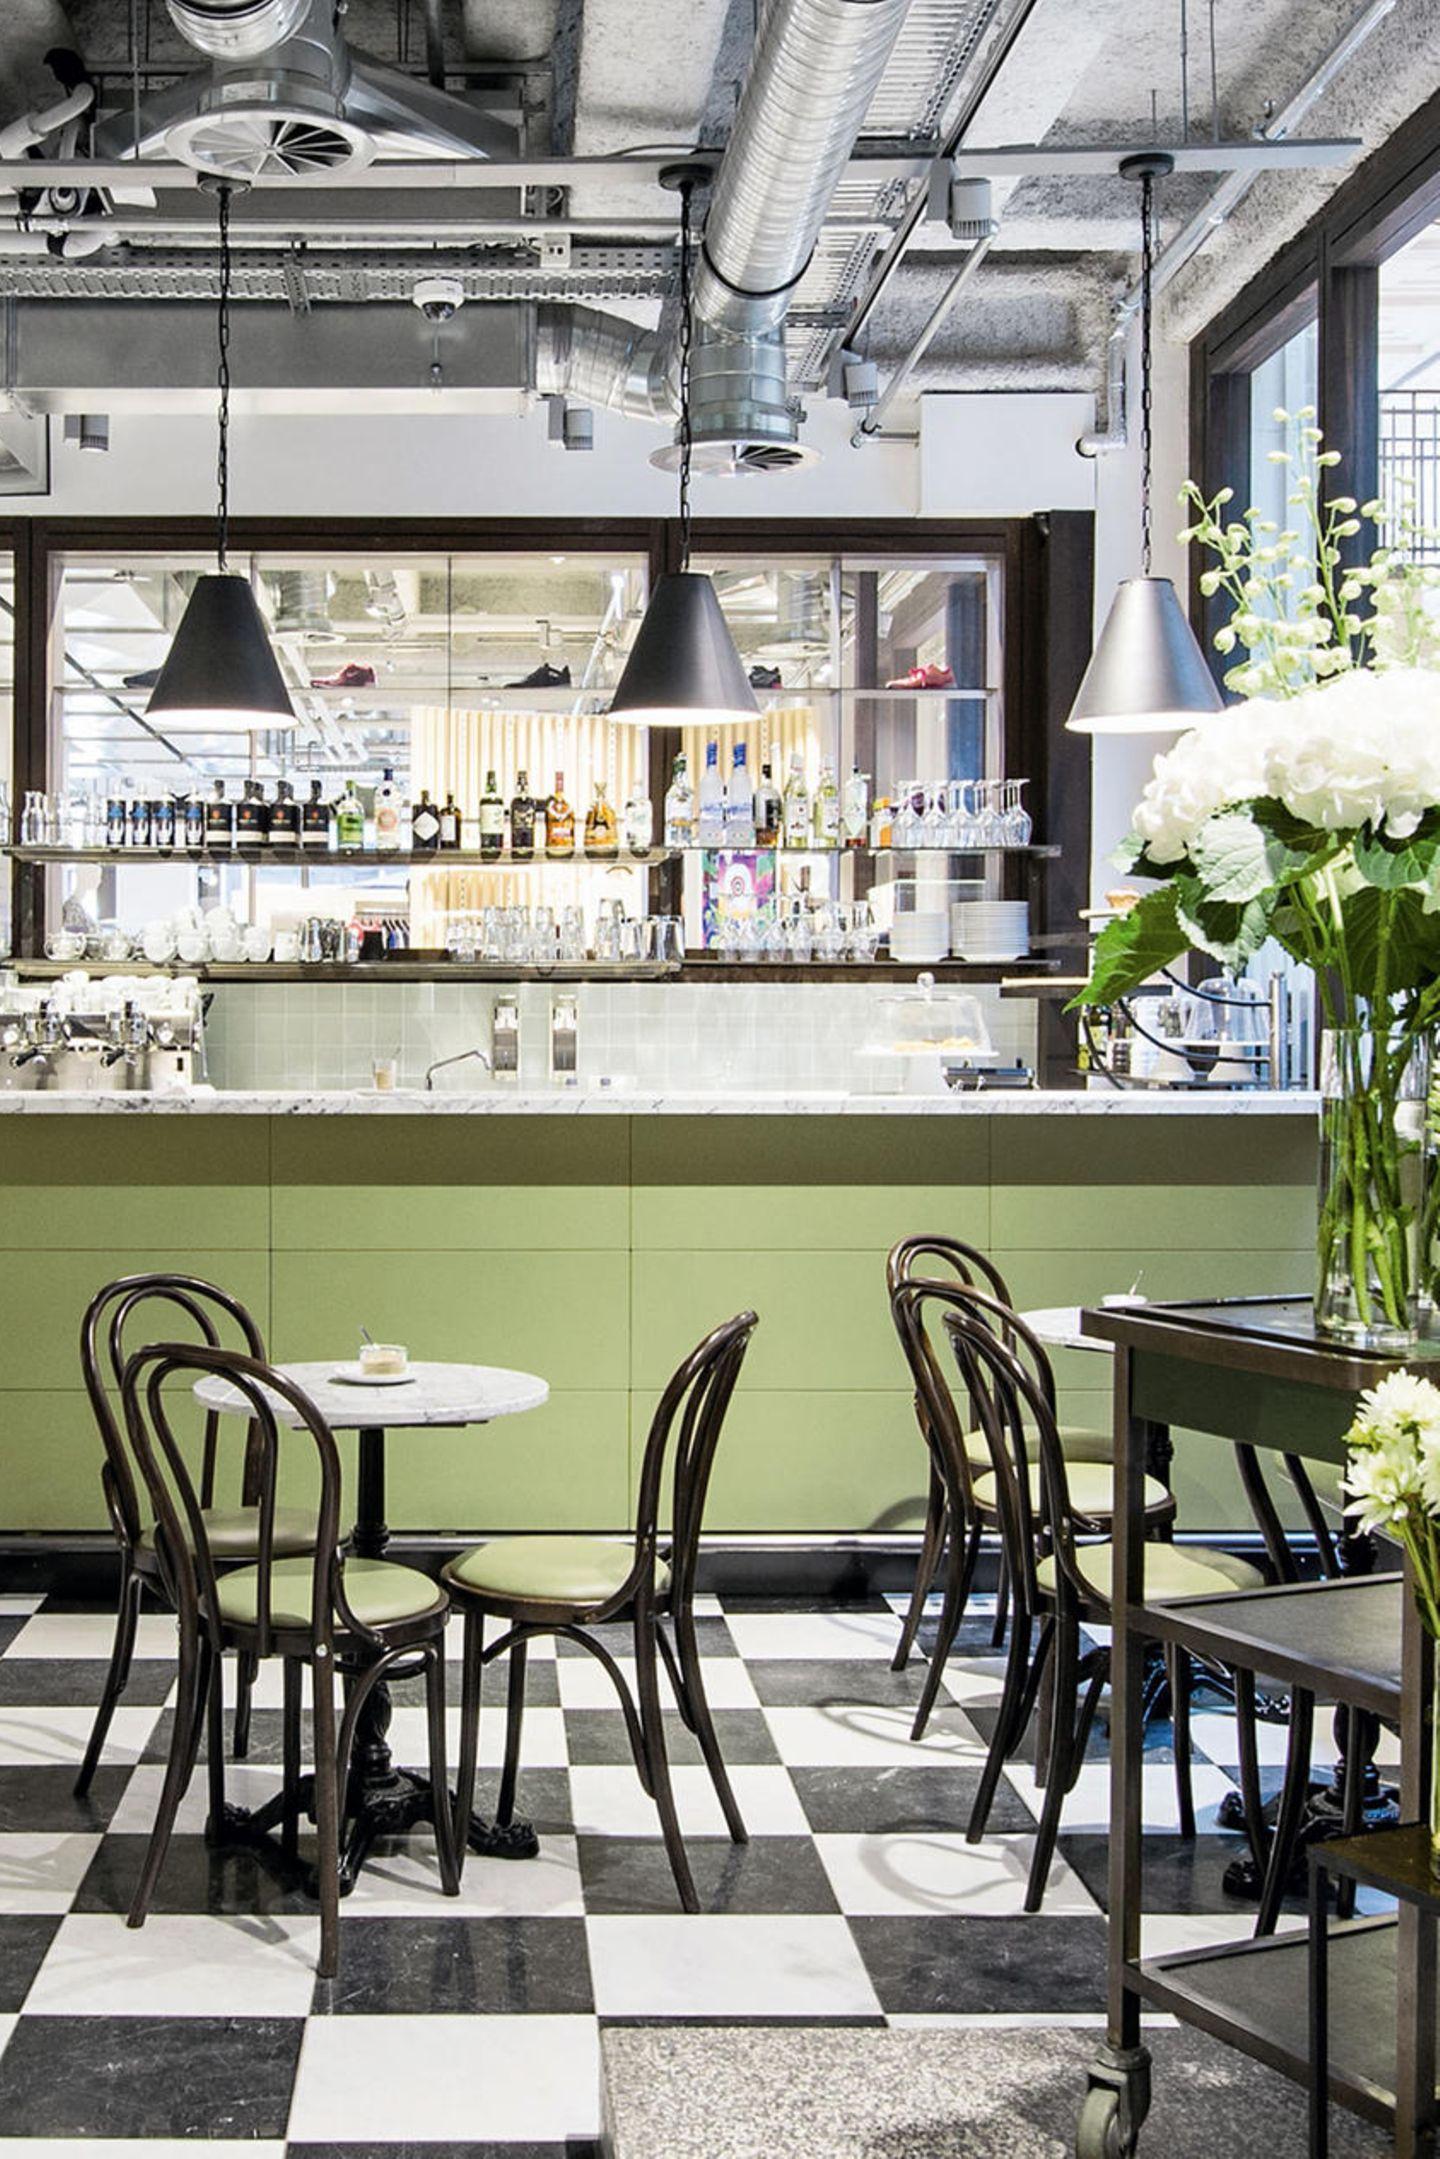 """Shoppen und Snacken:Der """"Uzwei Concept Store"""" in der Hamburger Kaisergalerie hat jetzt einen Deli. Dort gibt es kulinarische Highlights und neueste Food-Trends, etwa New York Style Pastrami Sandwiches oder hawaiianische Poké Bowls: uzwei.de"""